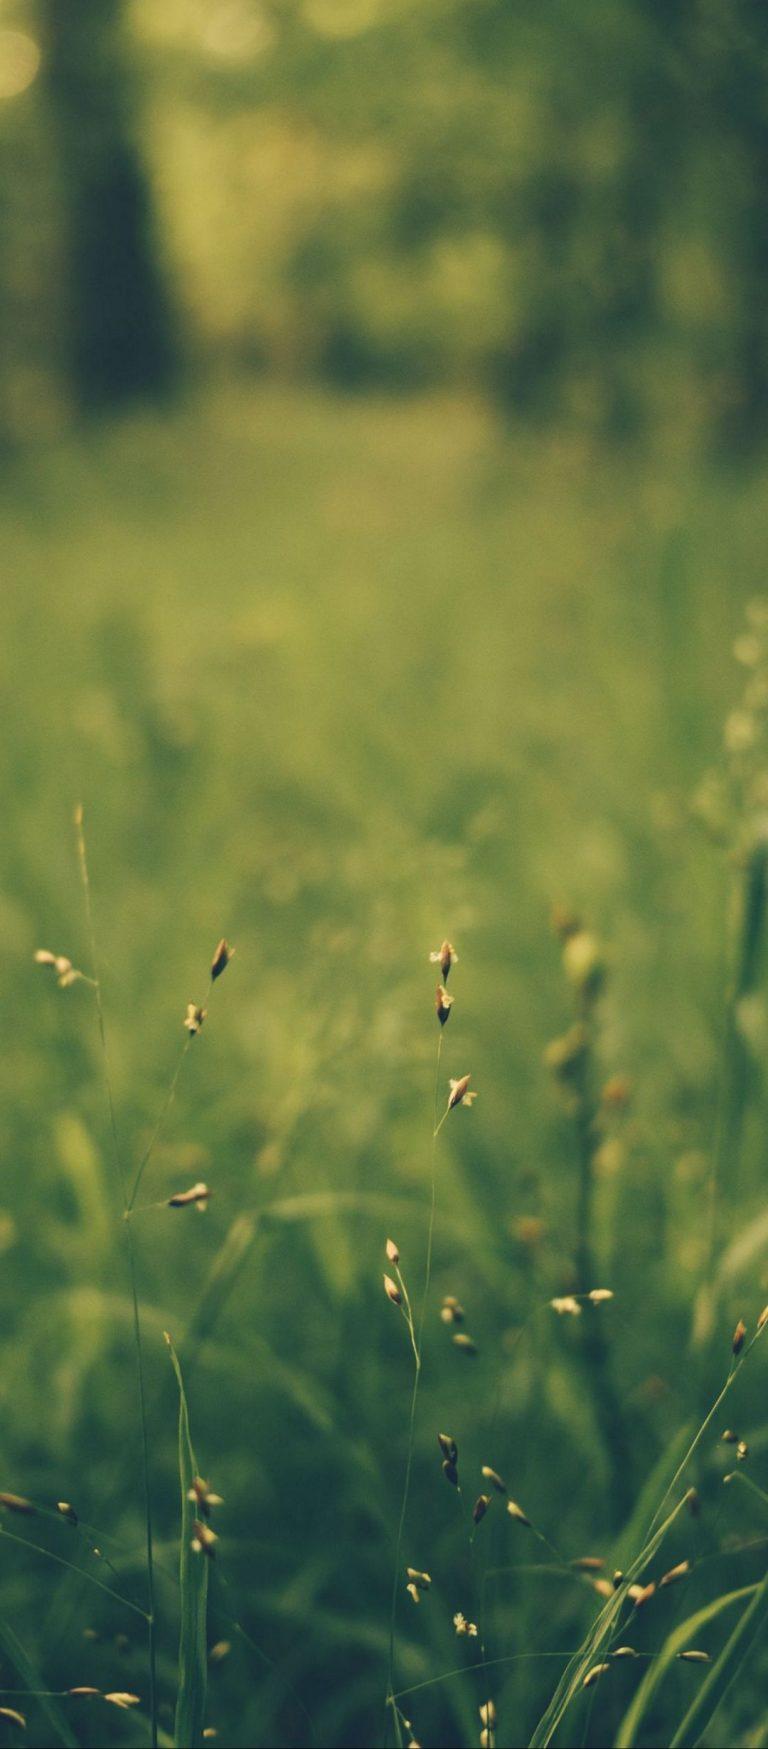 Grass Blur Field 1080x2460 768x1749